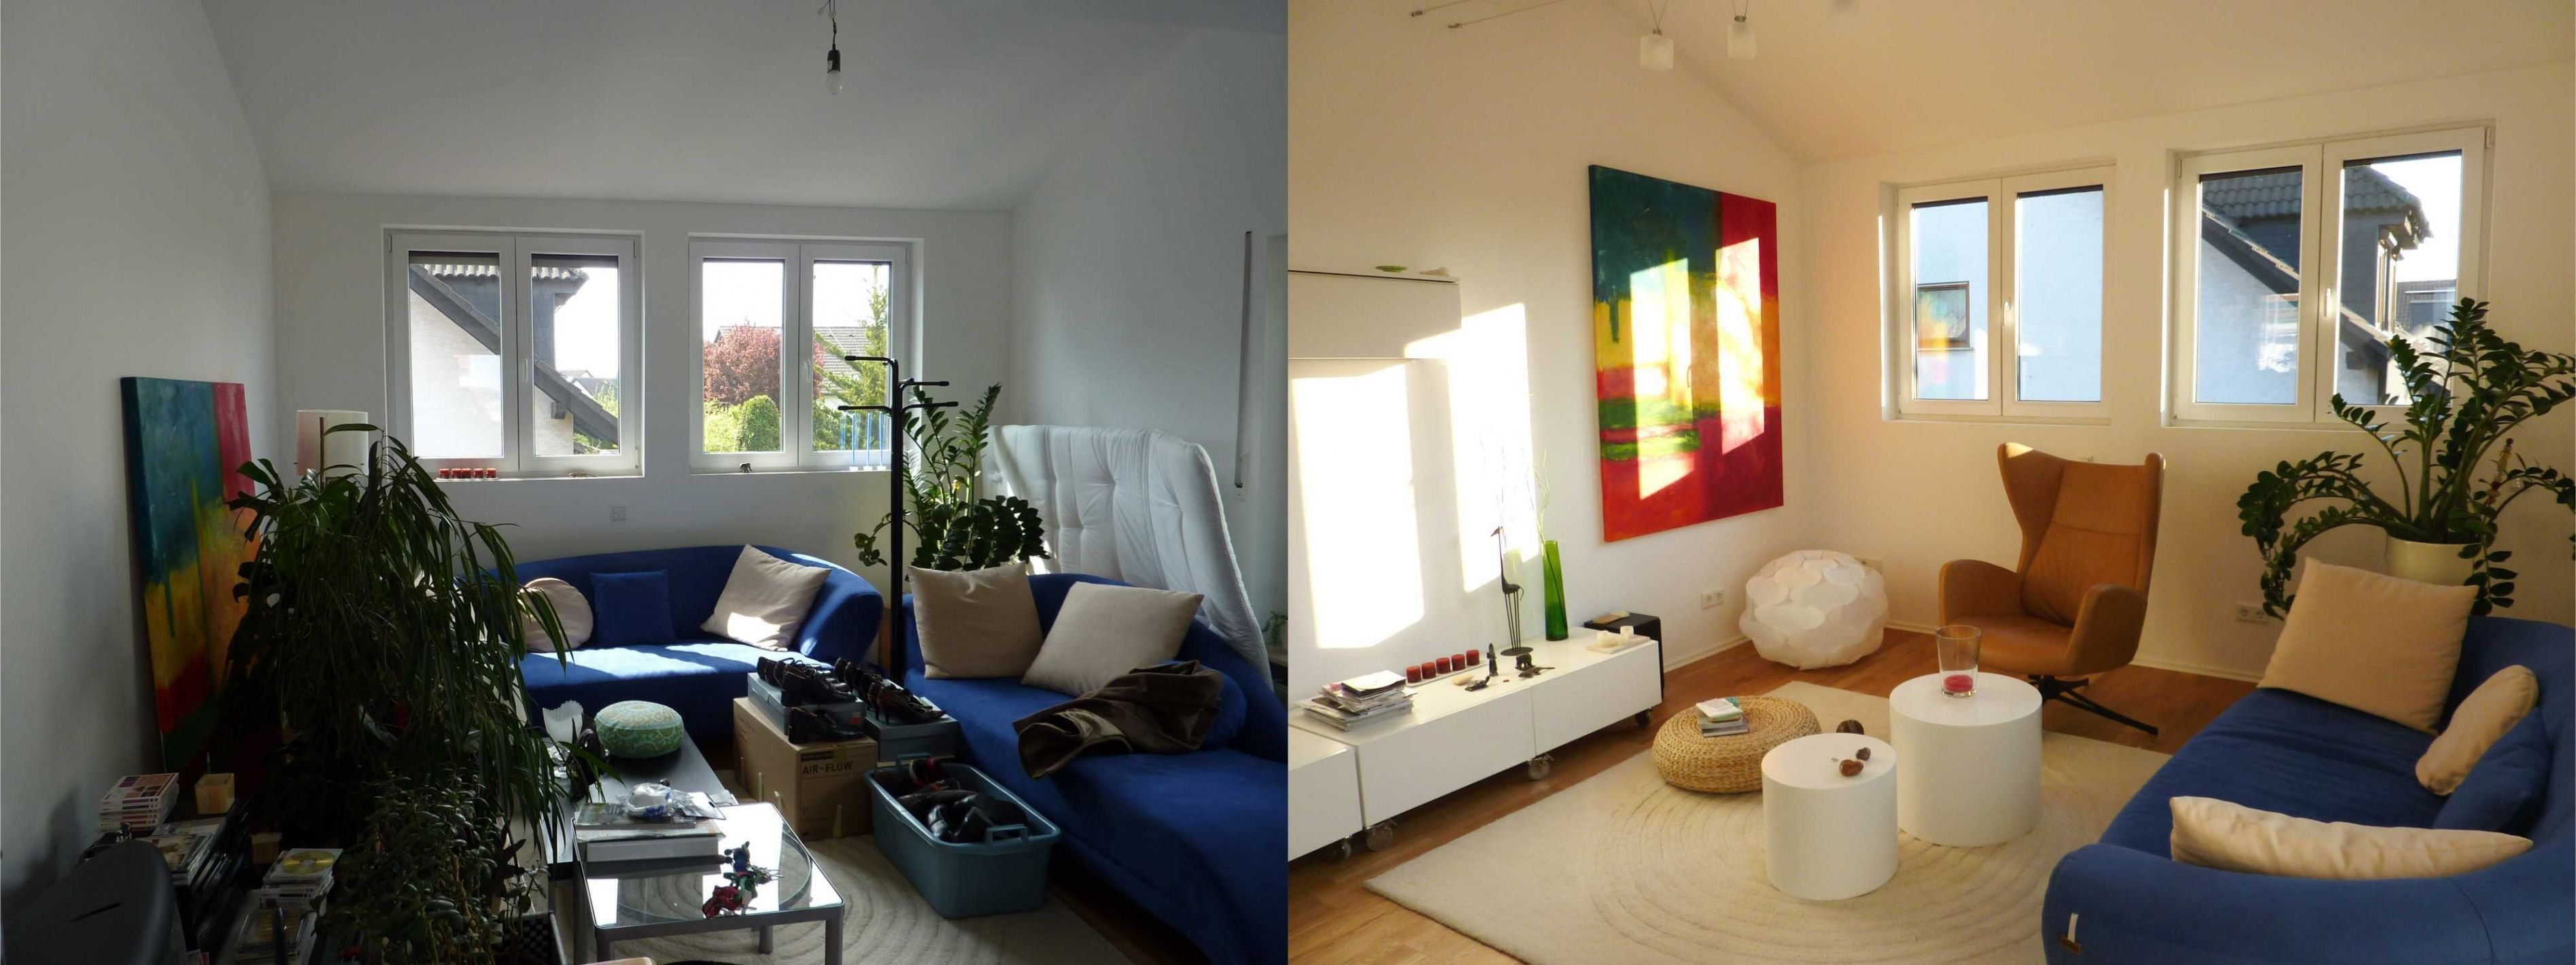 Ehrfürchtig Wohnzimmer Neu Gestalten Vorher Nachher | Wohnzimmer ...